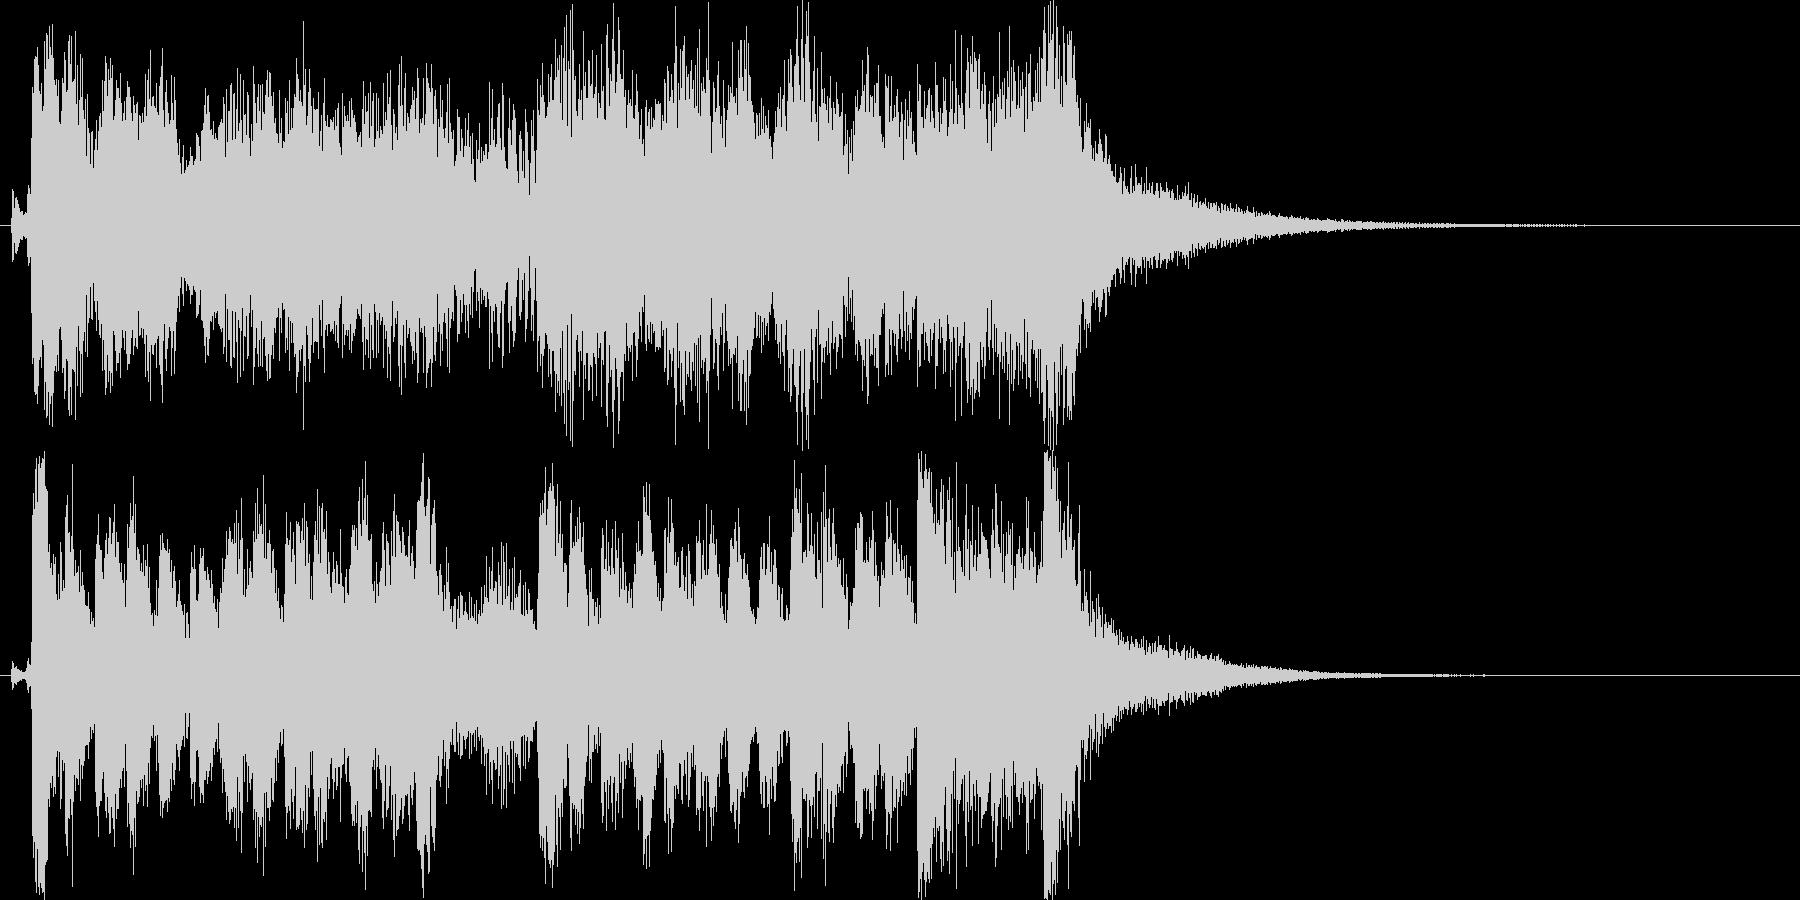 ハッピーコミカル軽快なオーケストラロゴ♪の未再生の波形